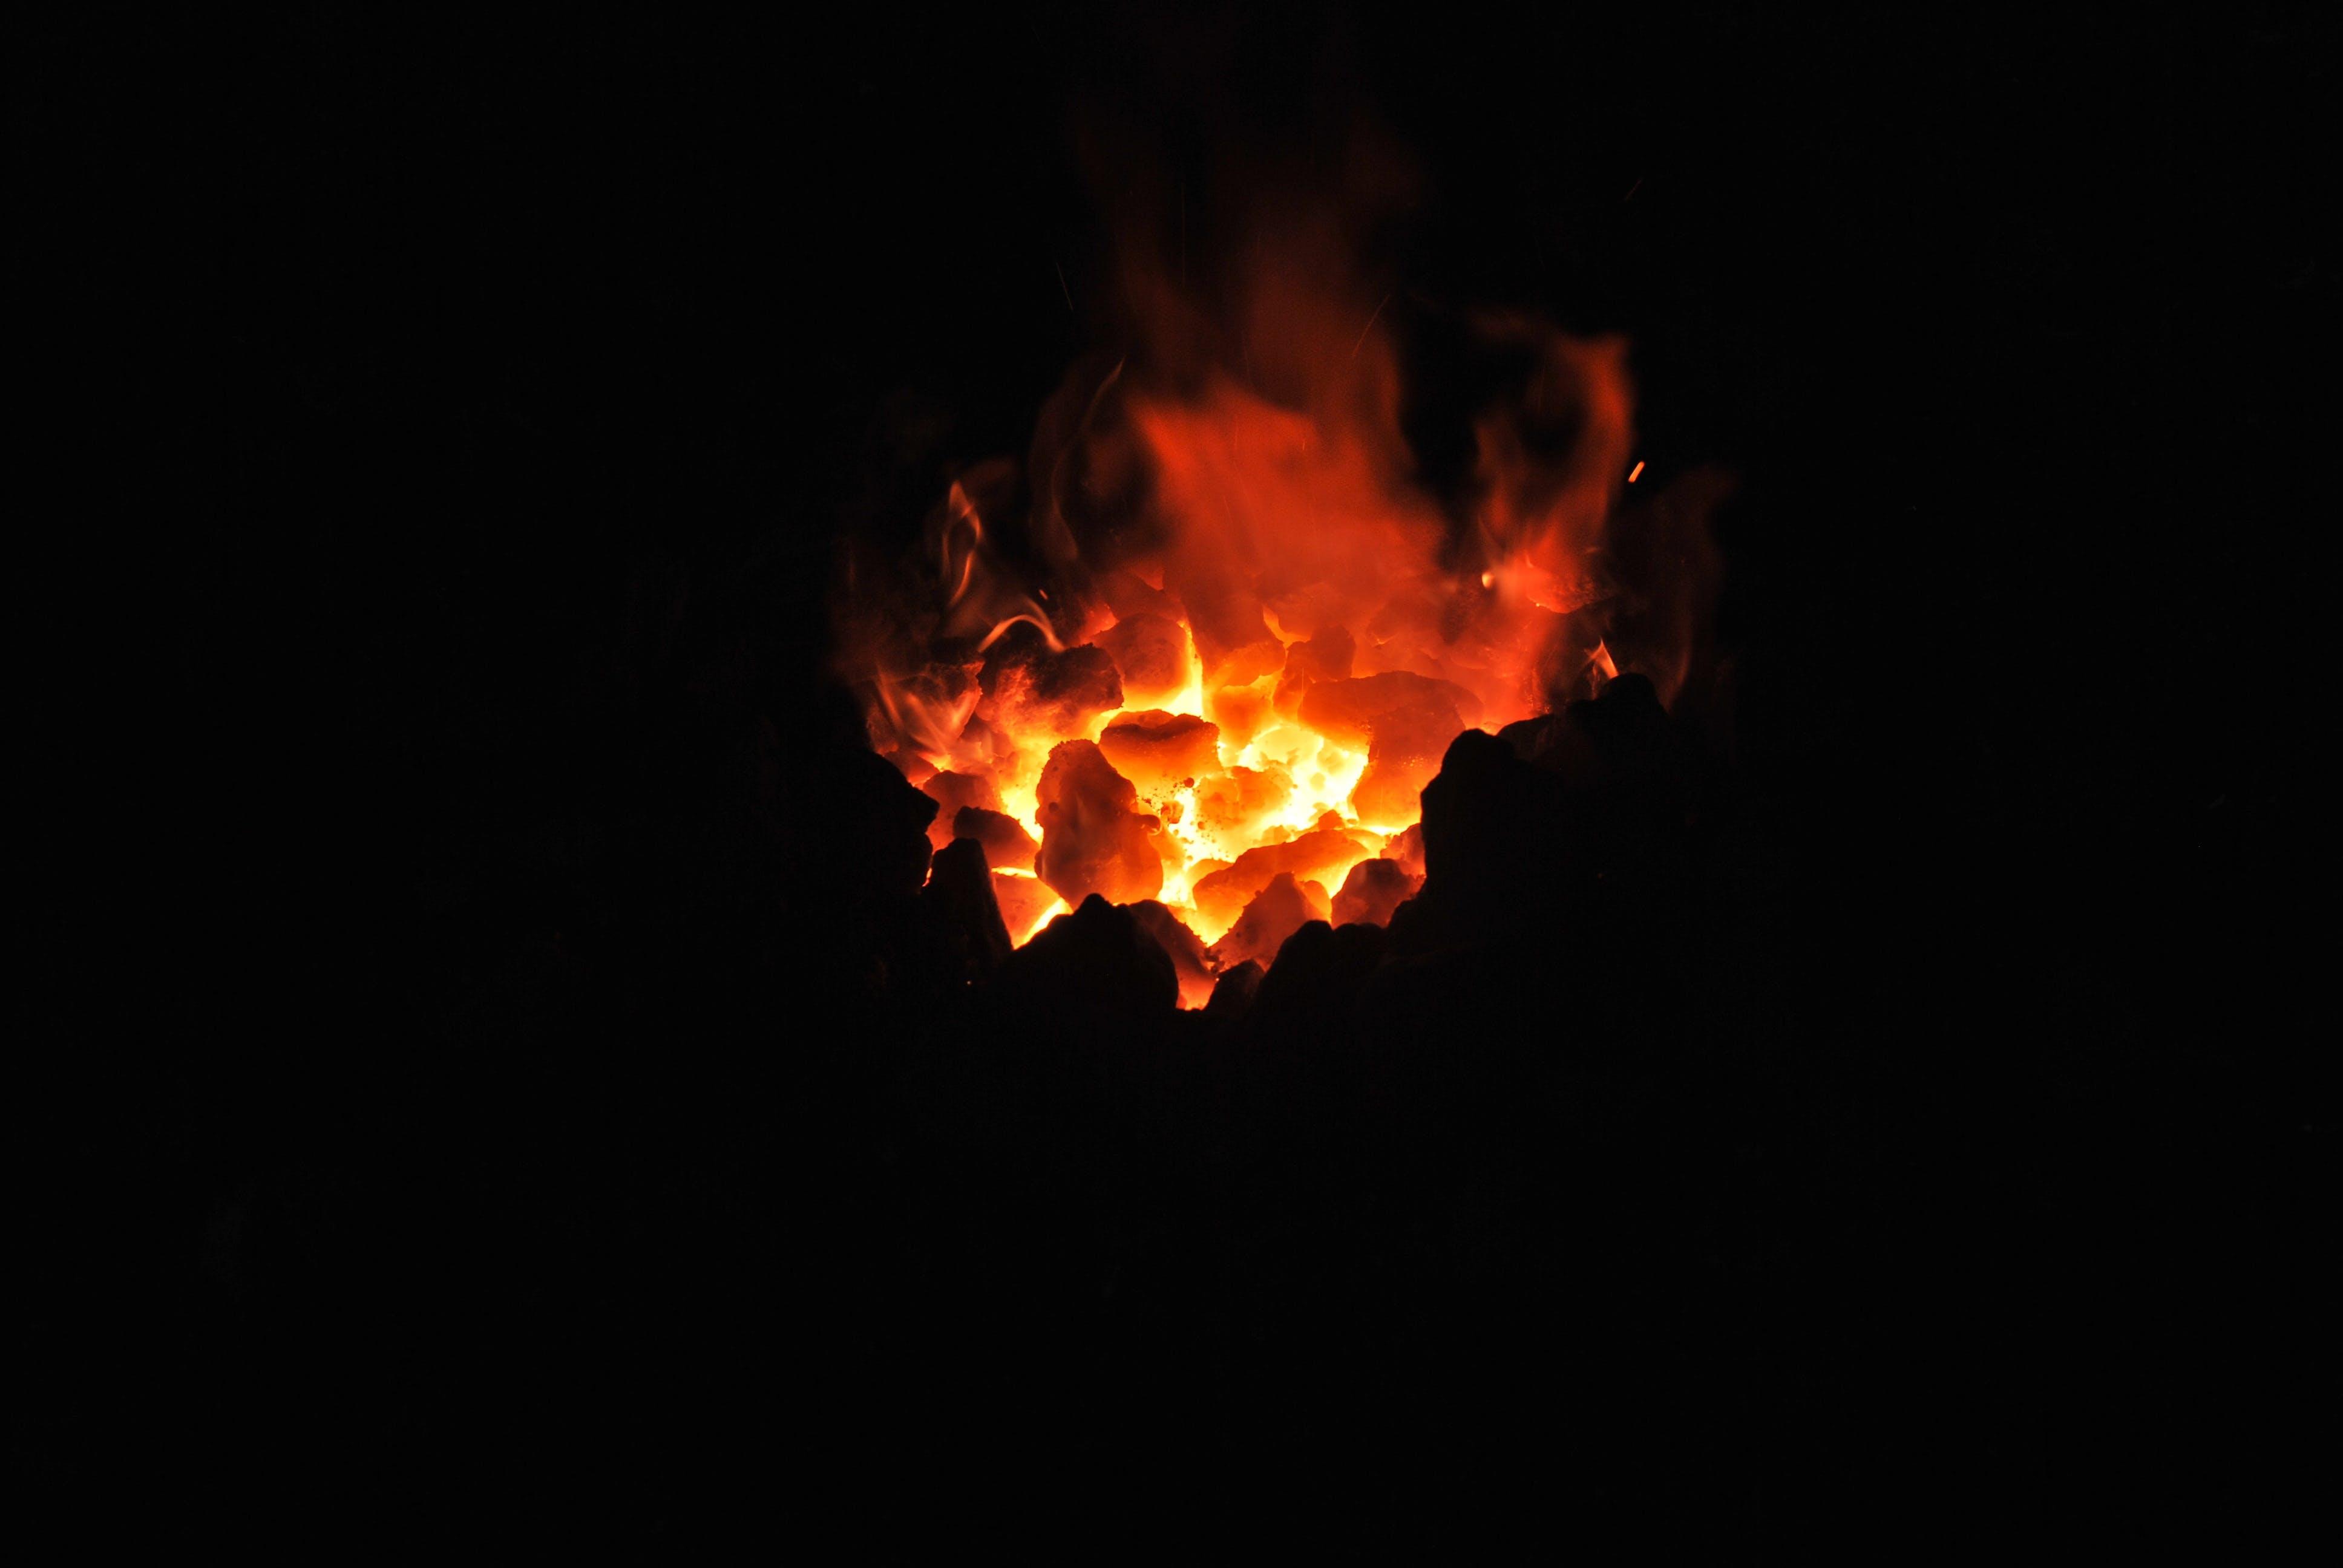 Kostenloses Stock Foto zu asche, brand, brennen, campen